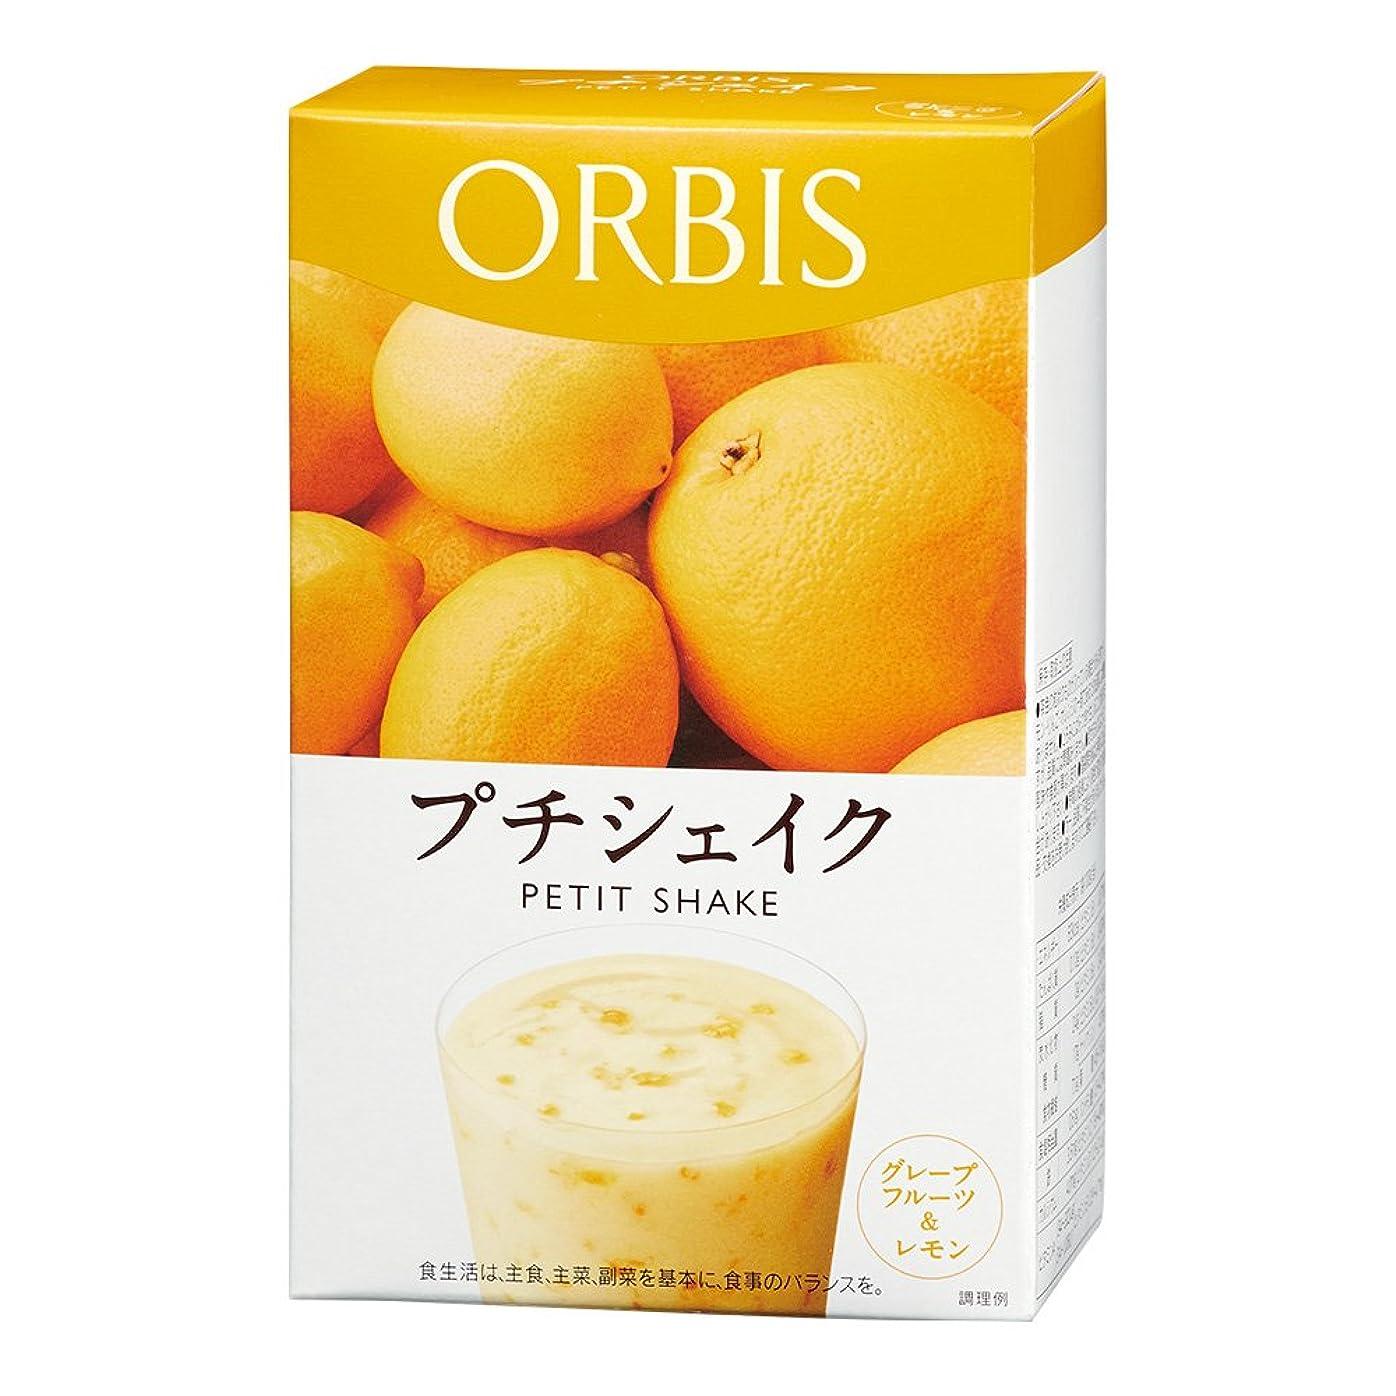 たくさん責める柔らかい足オルビス(ORBIS) プチシェイク グレープフルーツ&レモン 100g×7食分 ◎ダイエットドリンク?スムージー◎ 1食分152kcal